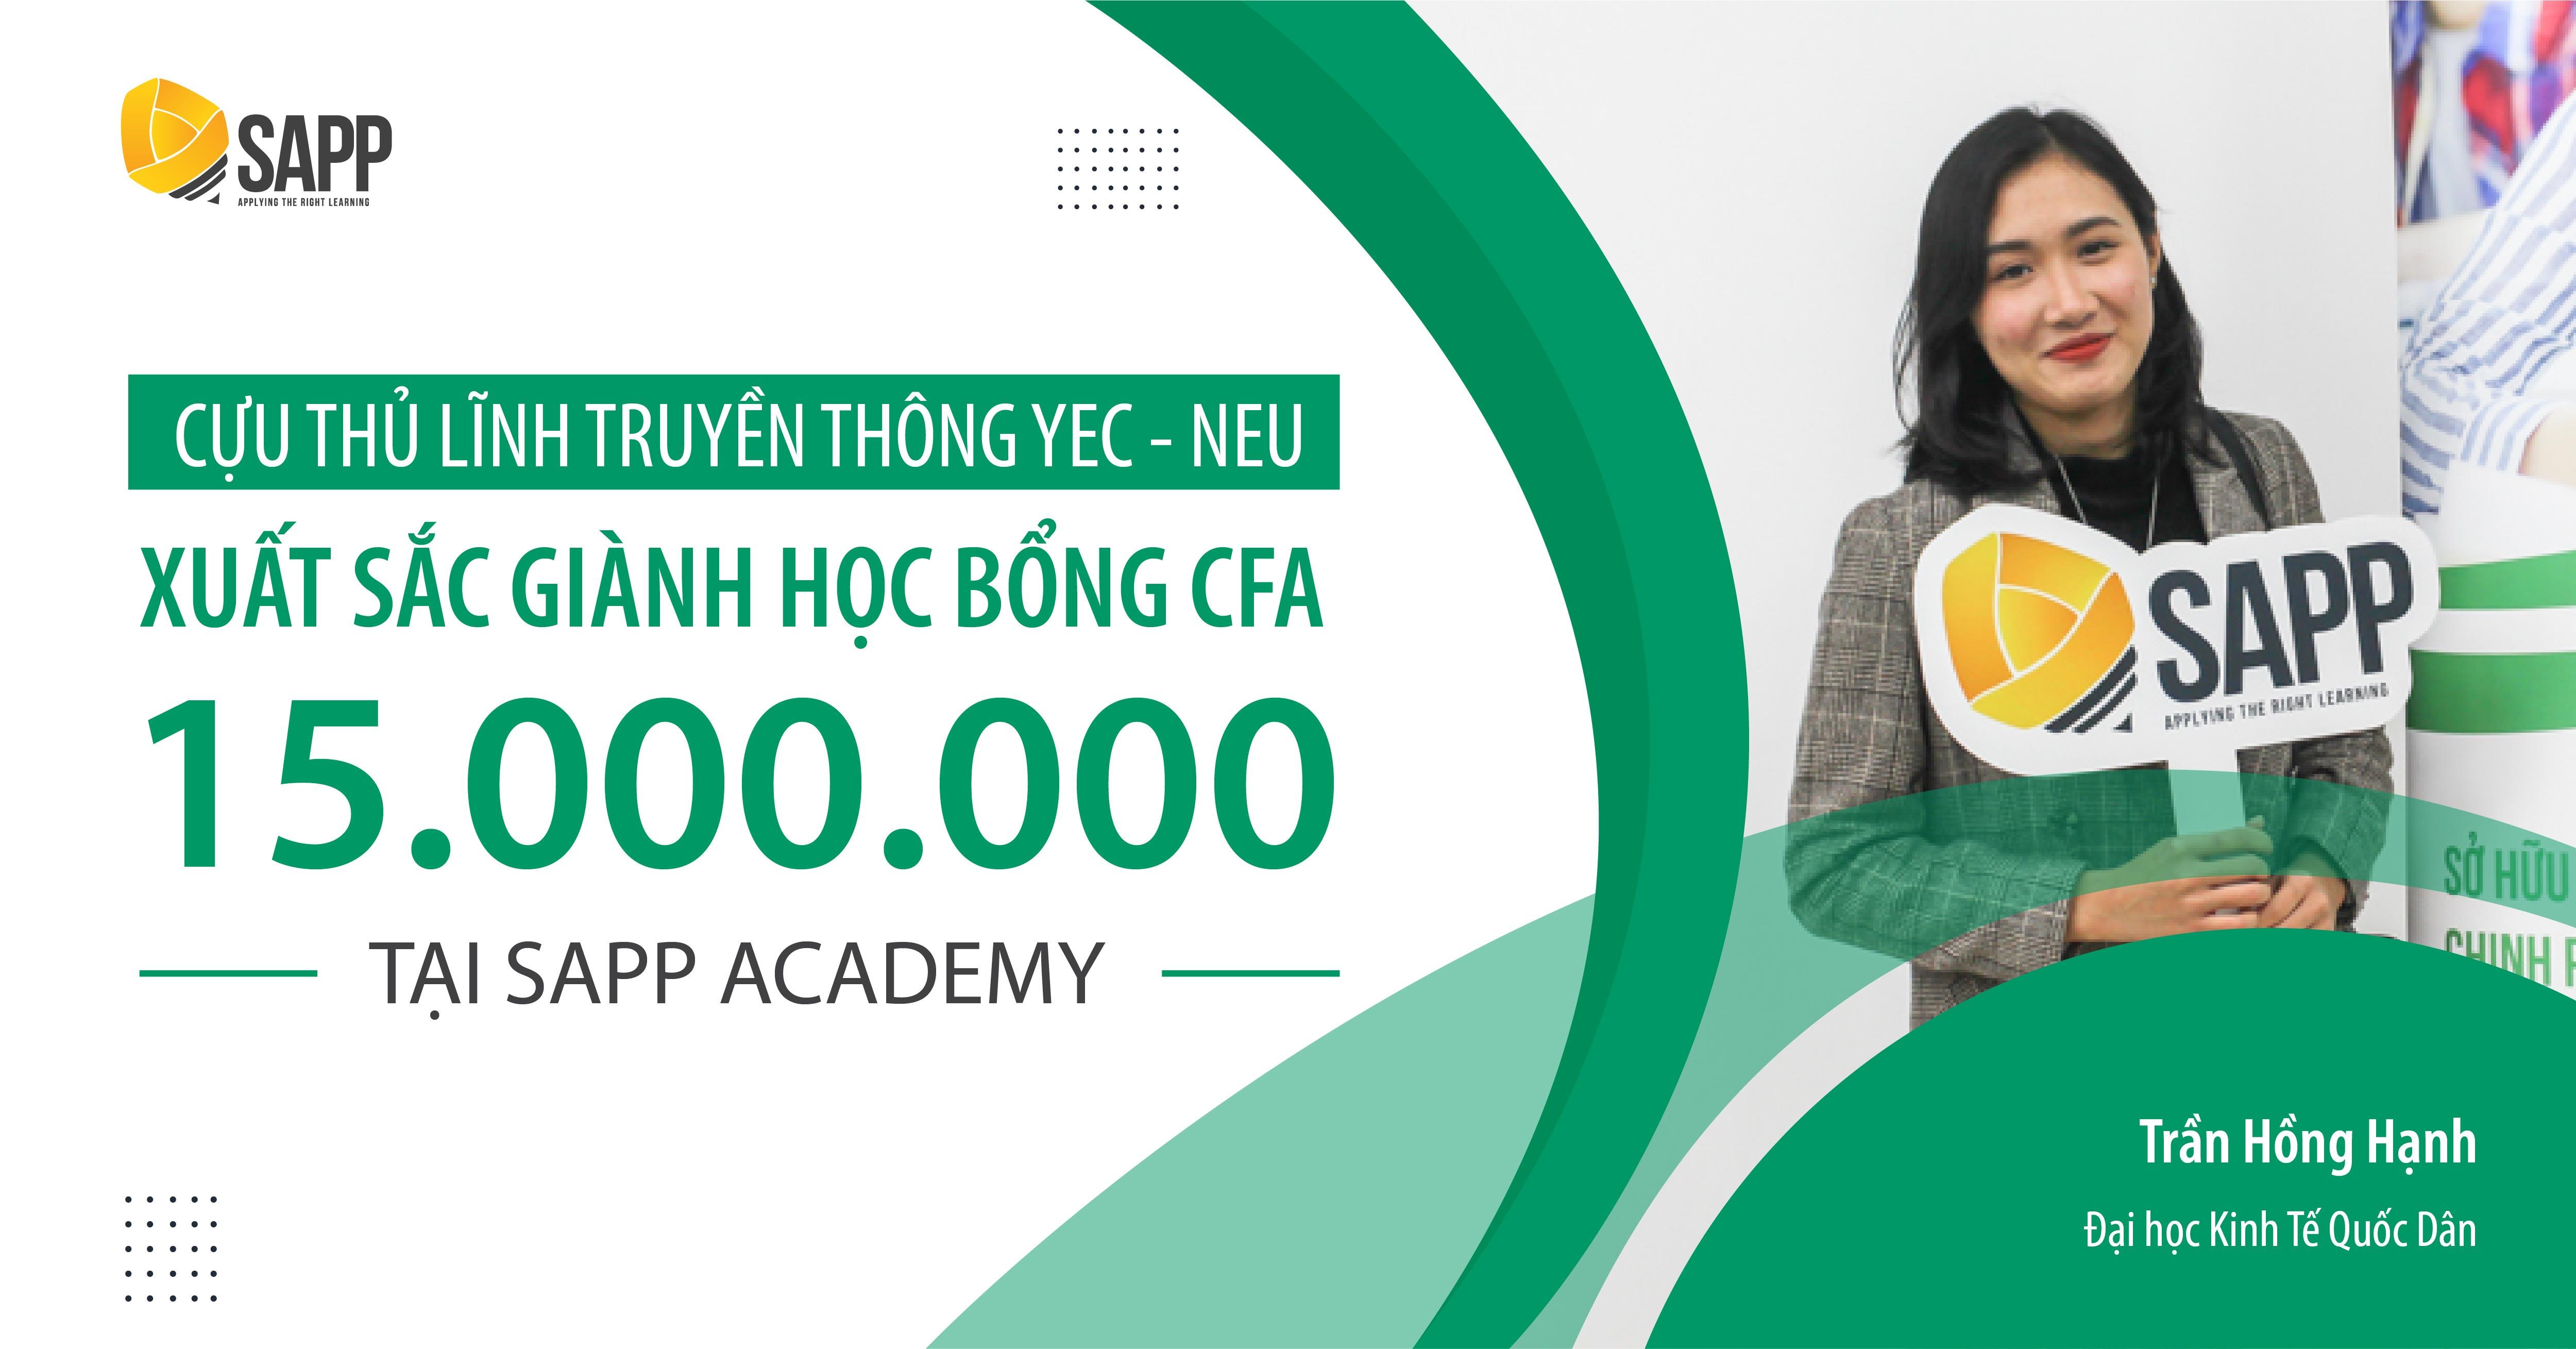 Cựu thủ lĩnh truyền thông YEC - NEU xuất sắc giành học bổng CFA 15.000.000 VNĐ tại SAPP Academy